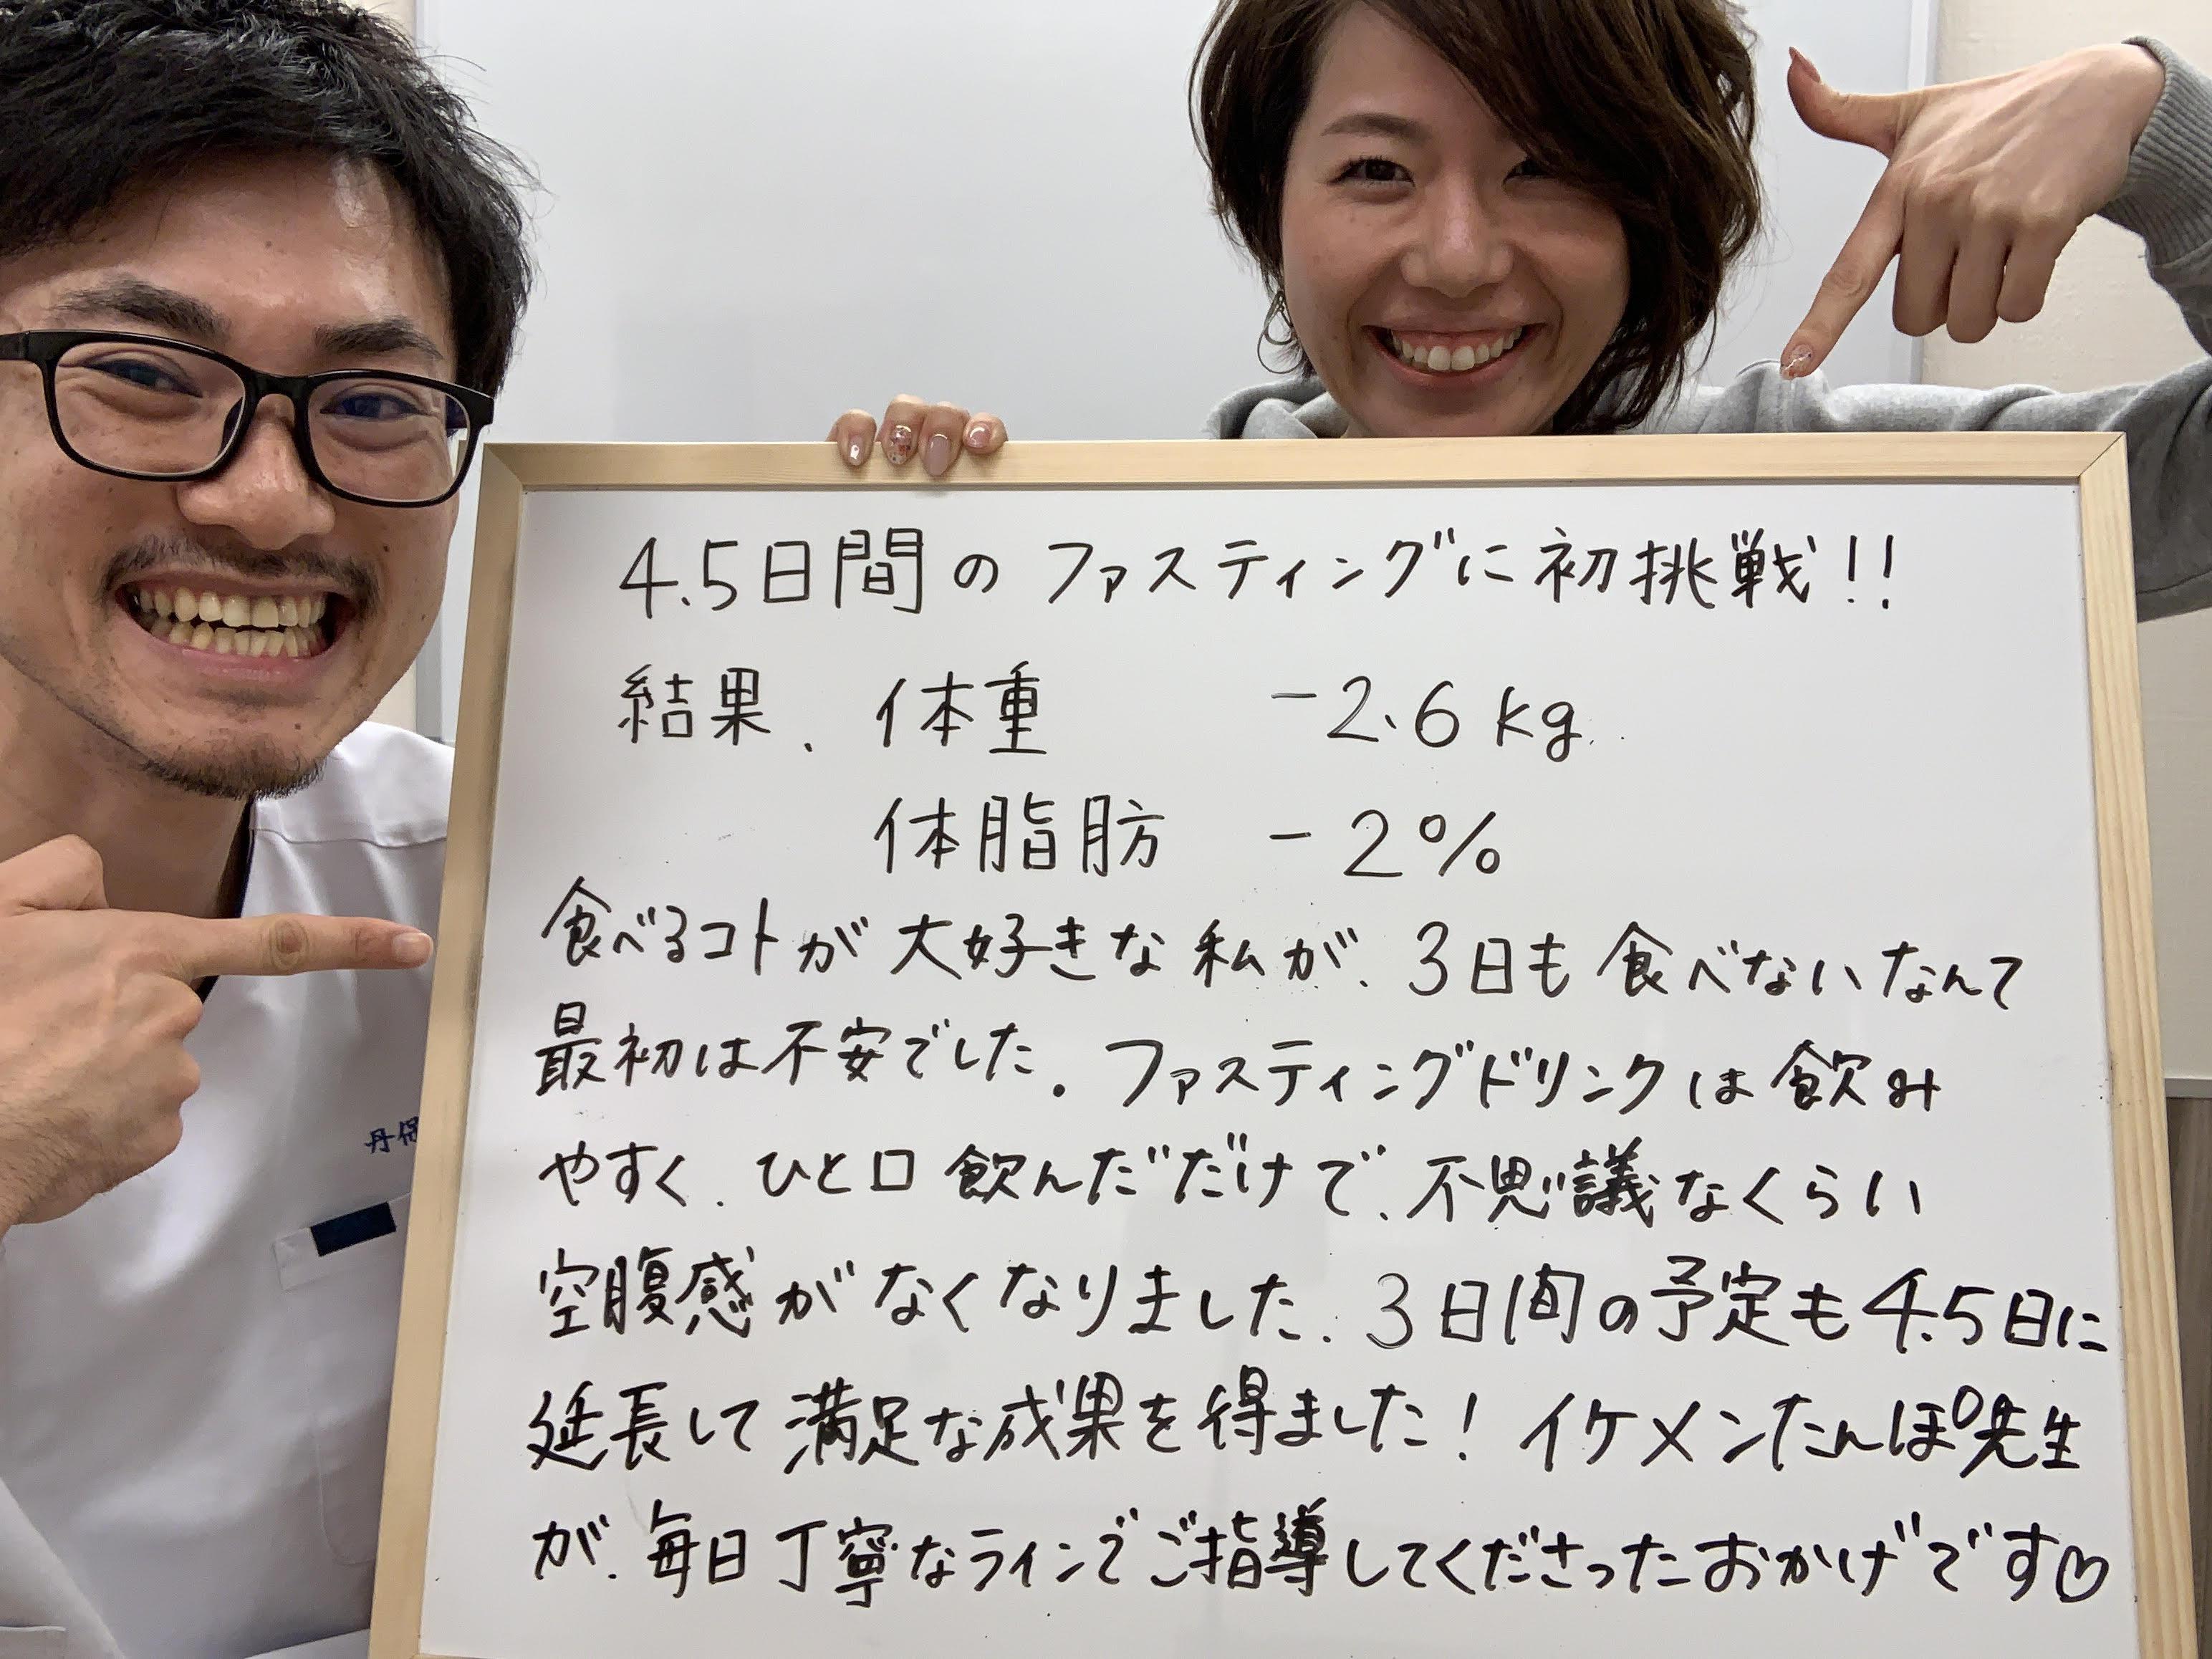 4.5日間のファスティングに初挑戦!!